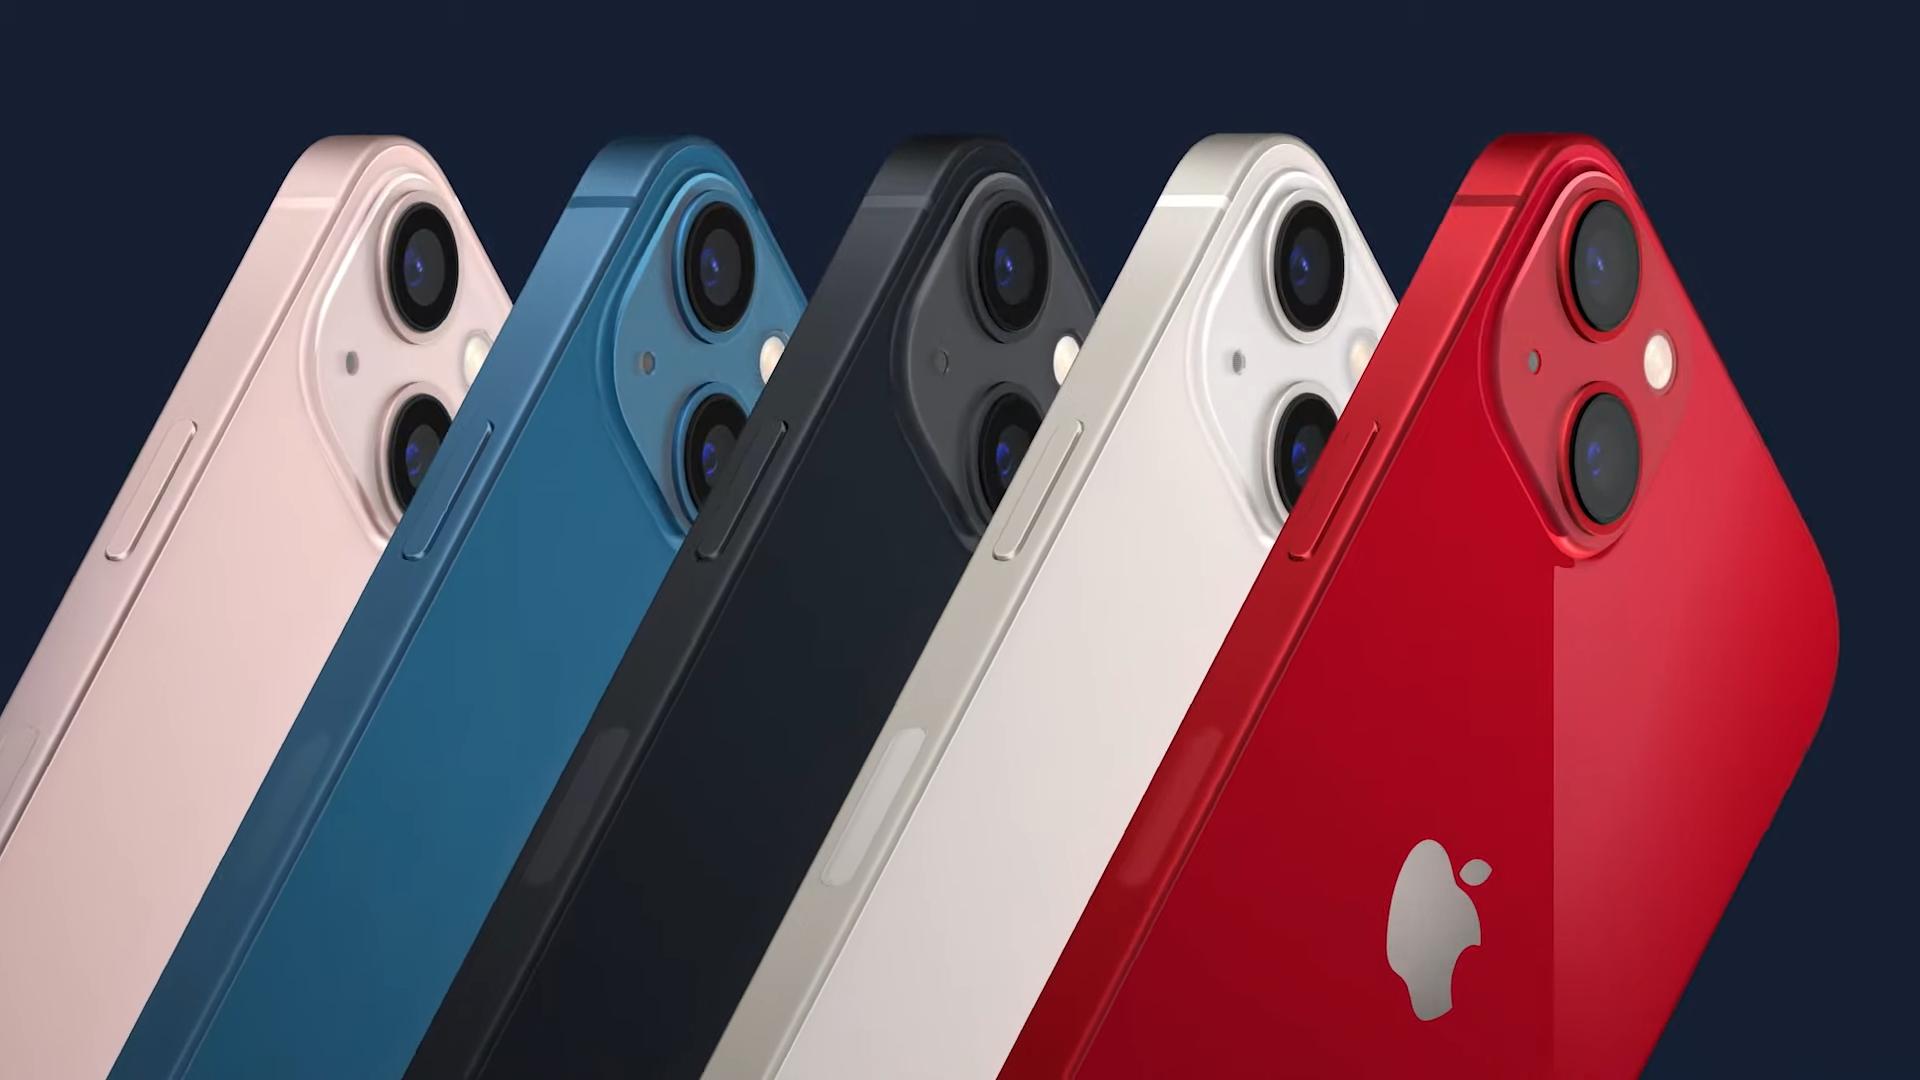 iPhone 13 poprvé v AnTuTu, překvapuje zvýšení výkonu paměti